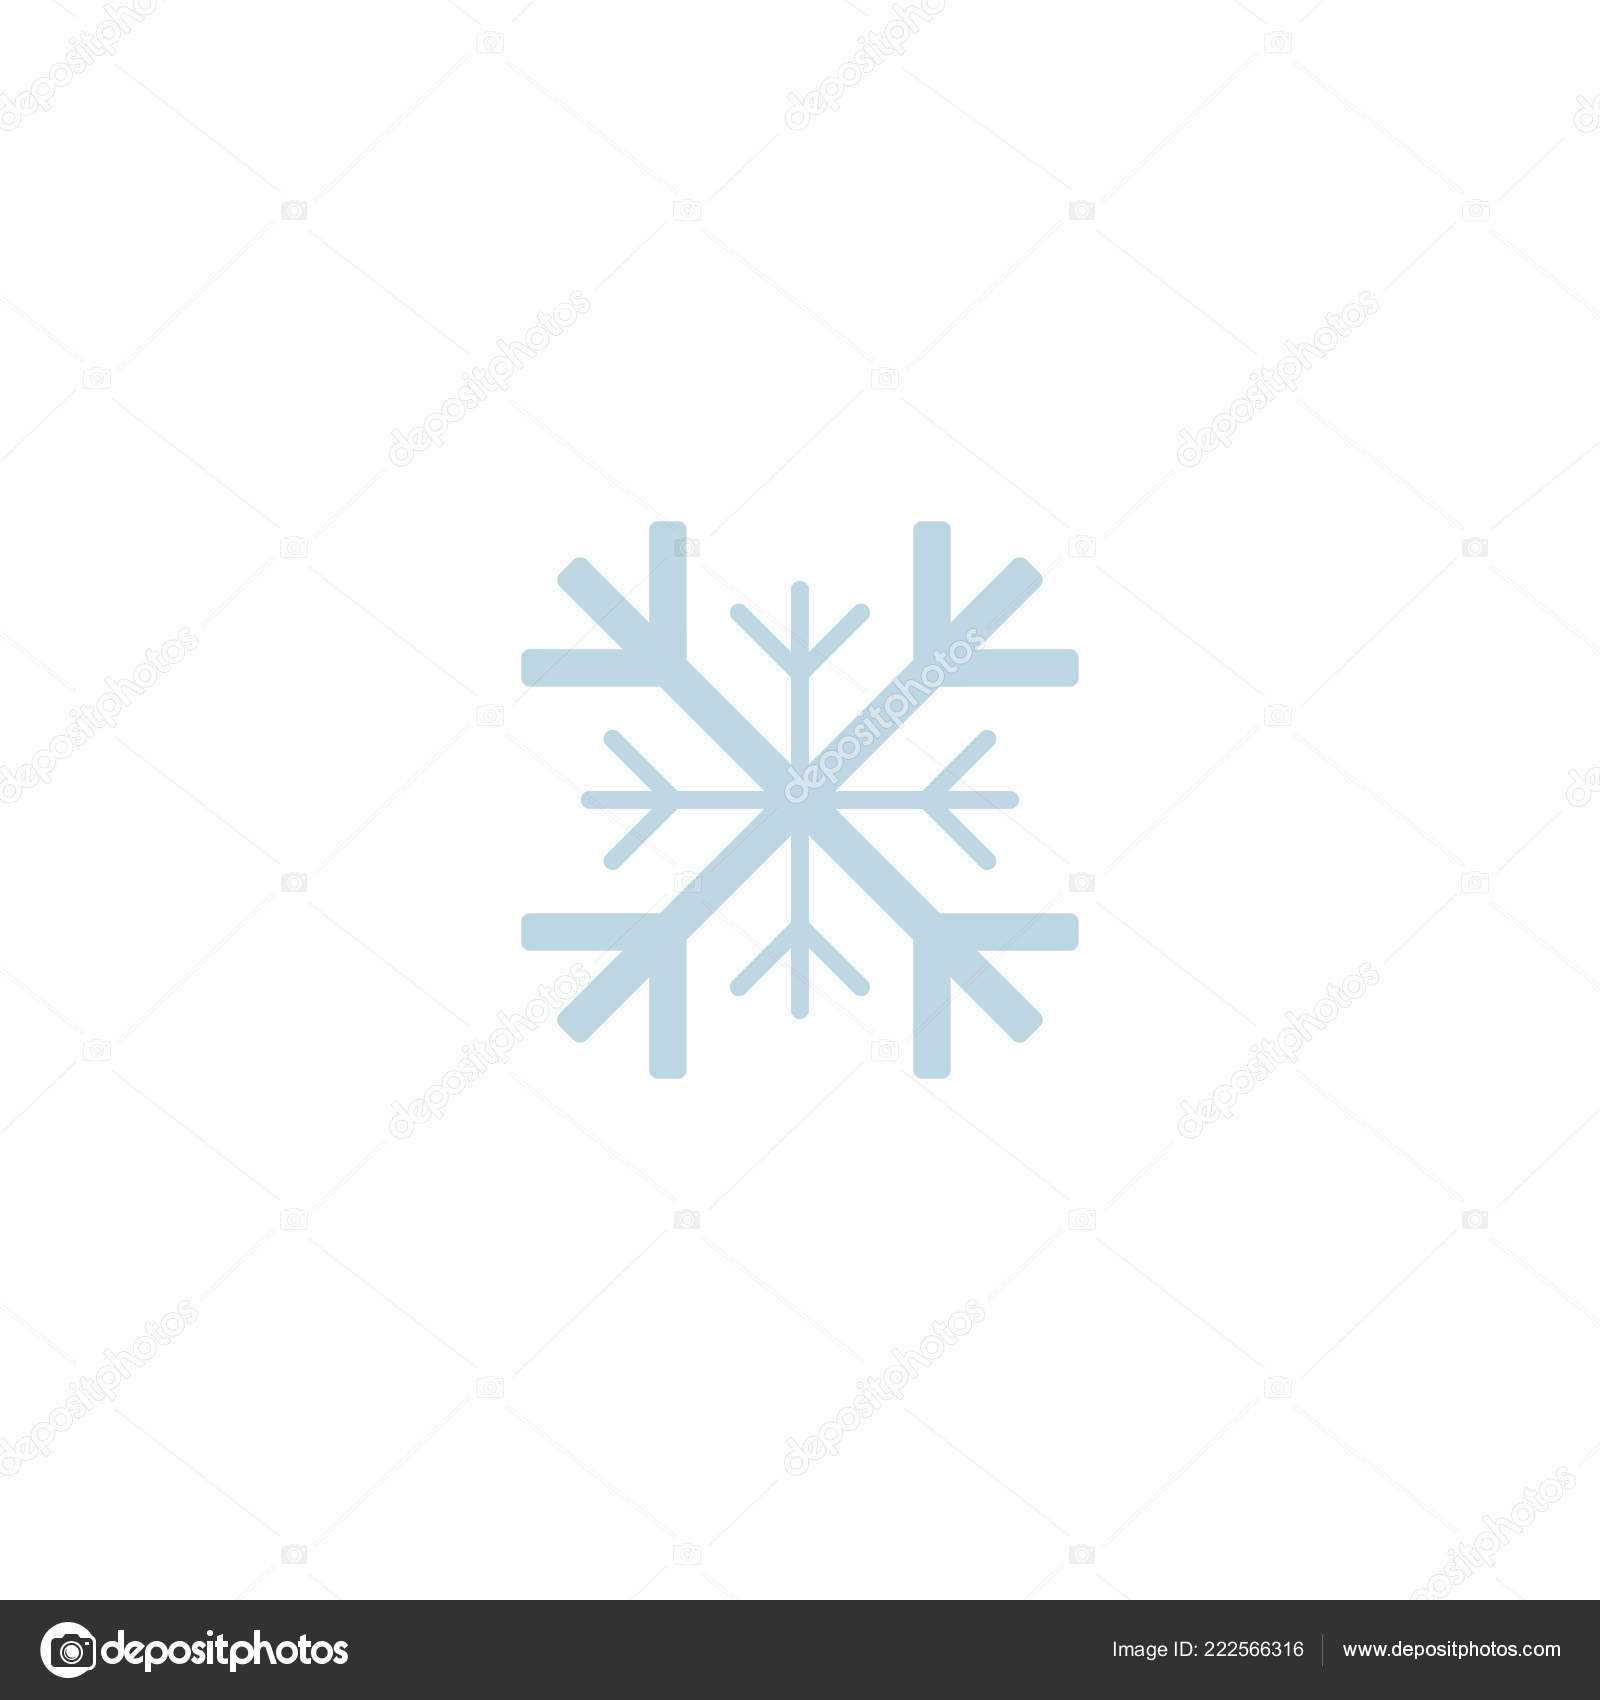 Blank Snowflake Template   Snowflake Icon Template Christmas For Blank Snowflake Template